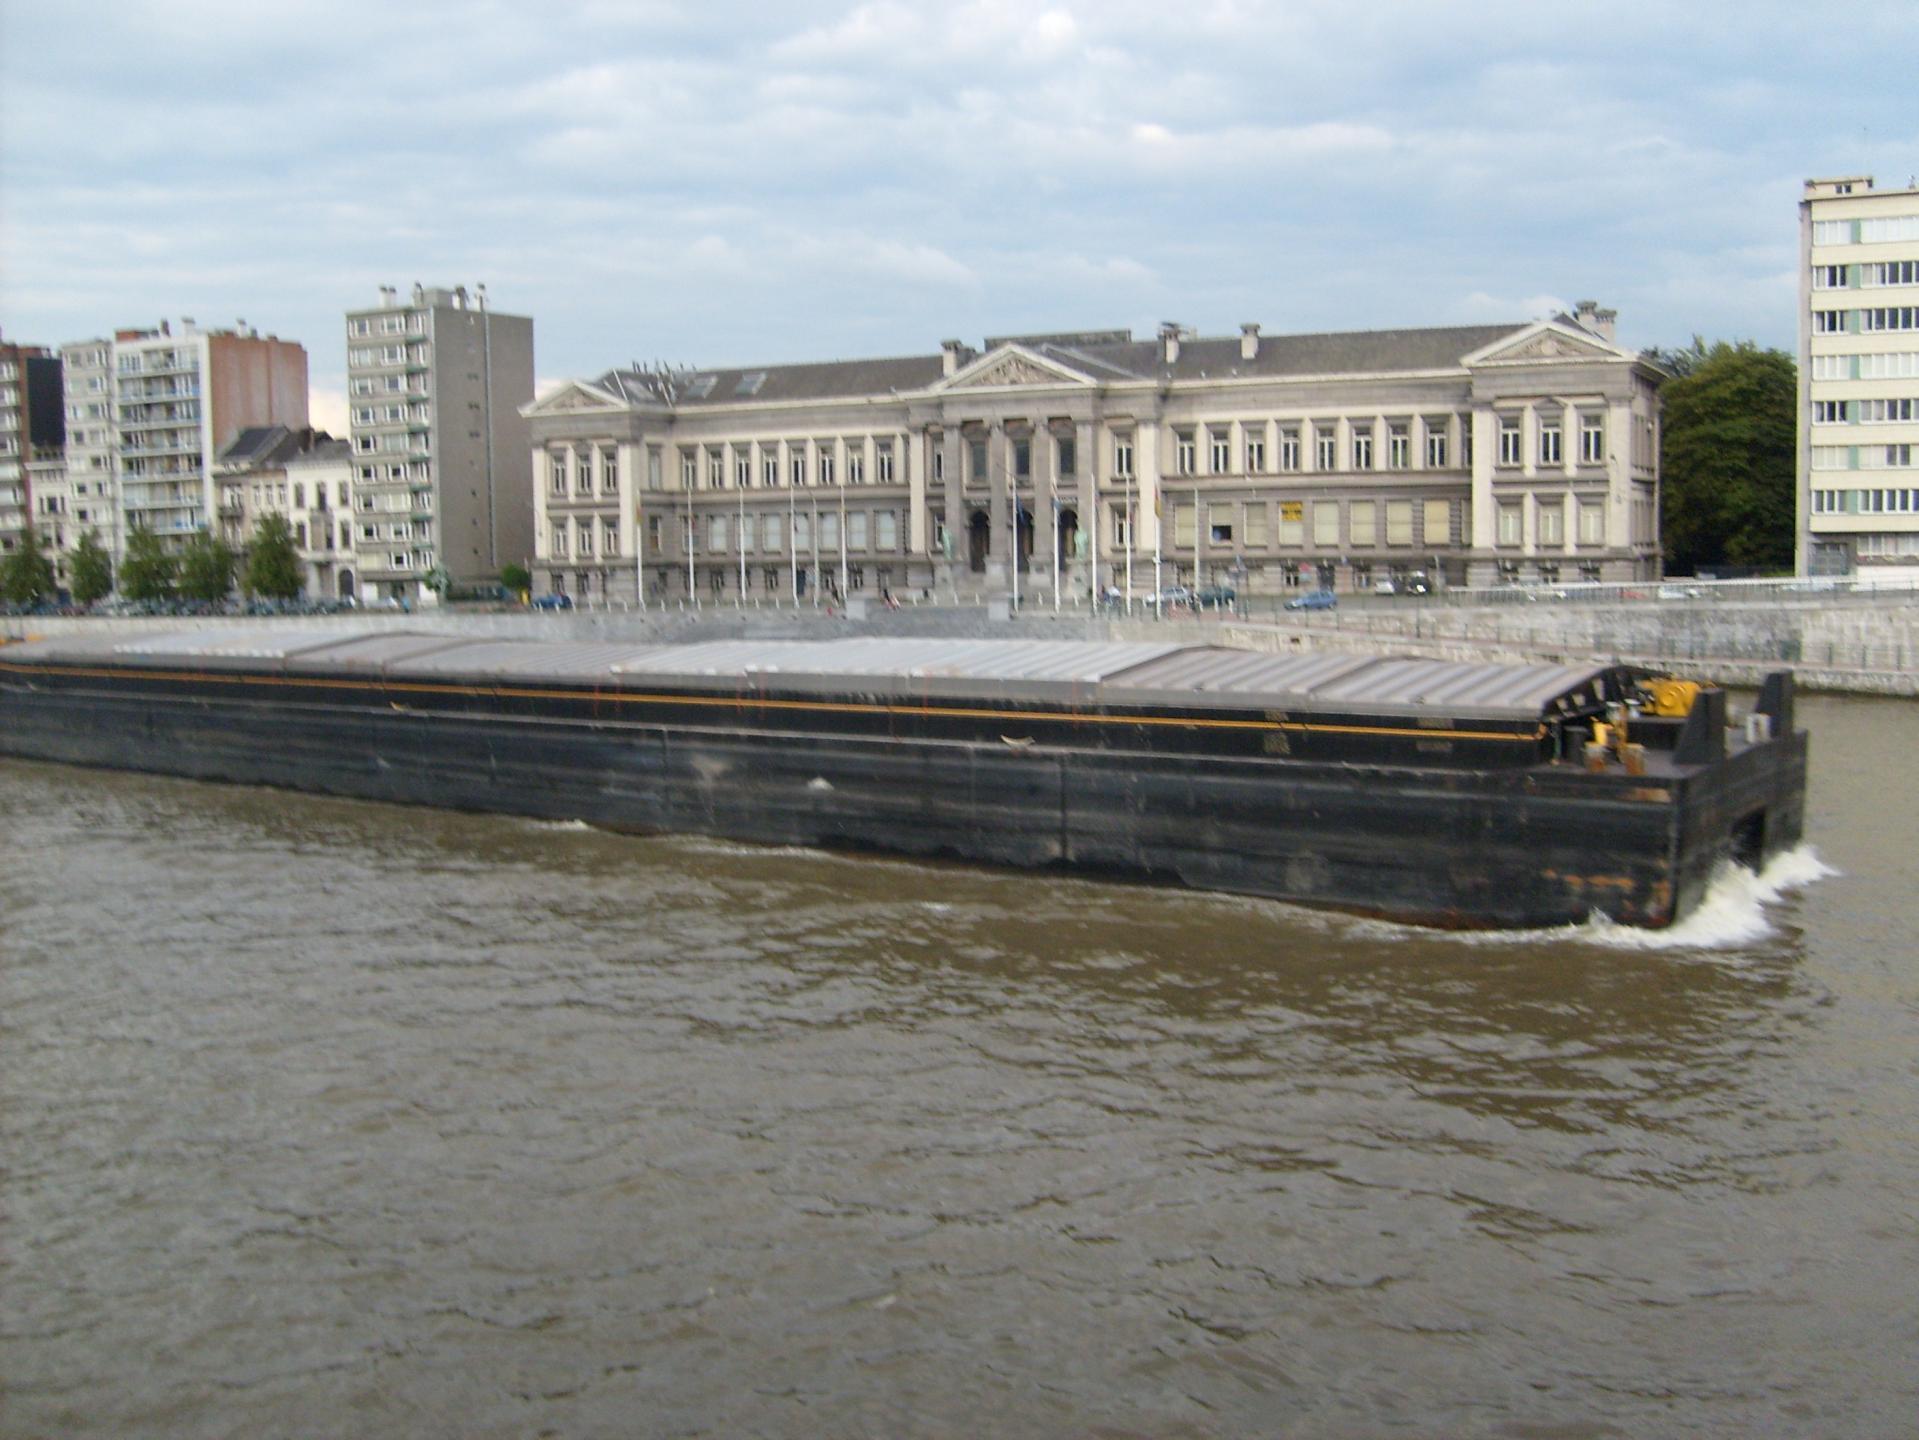 Péniche sur la Meuse devant l'Institut de Zoologie à Liège en 2005